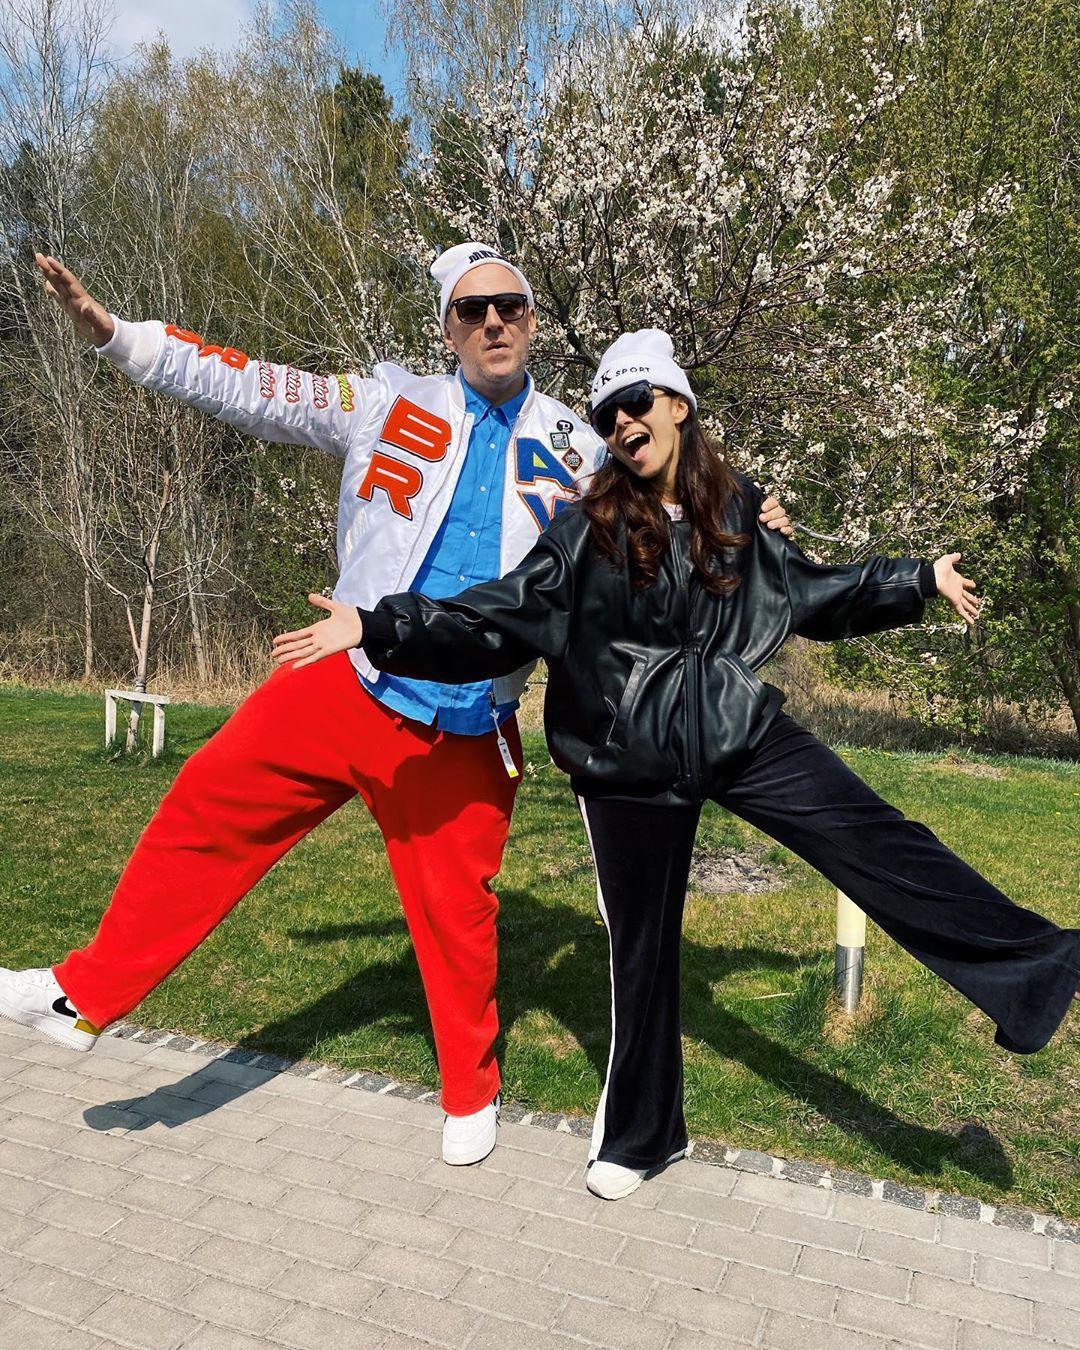 Потап и Настя повеселили фанатов совместным фото